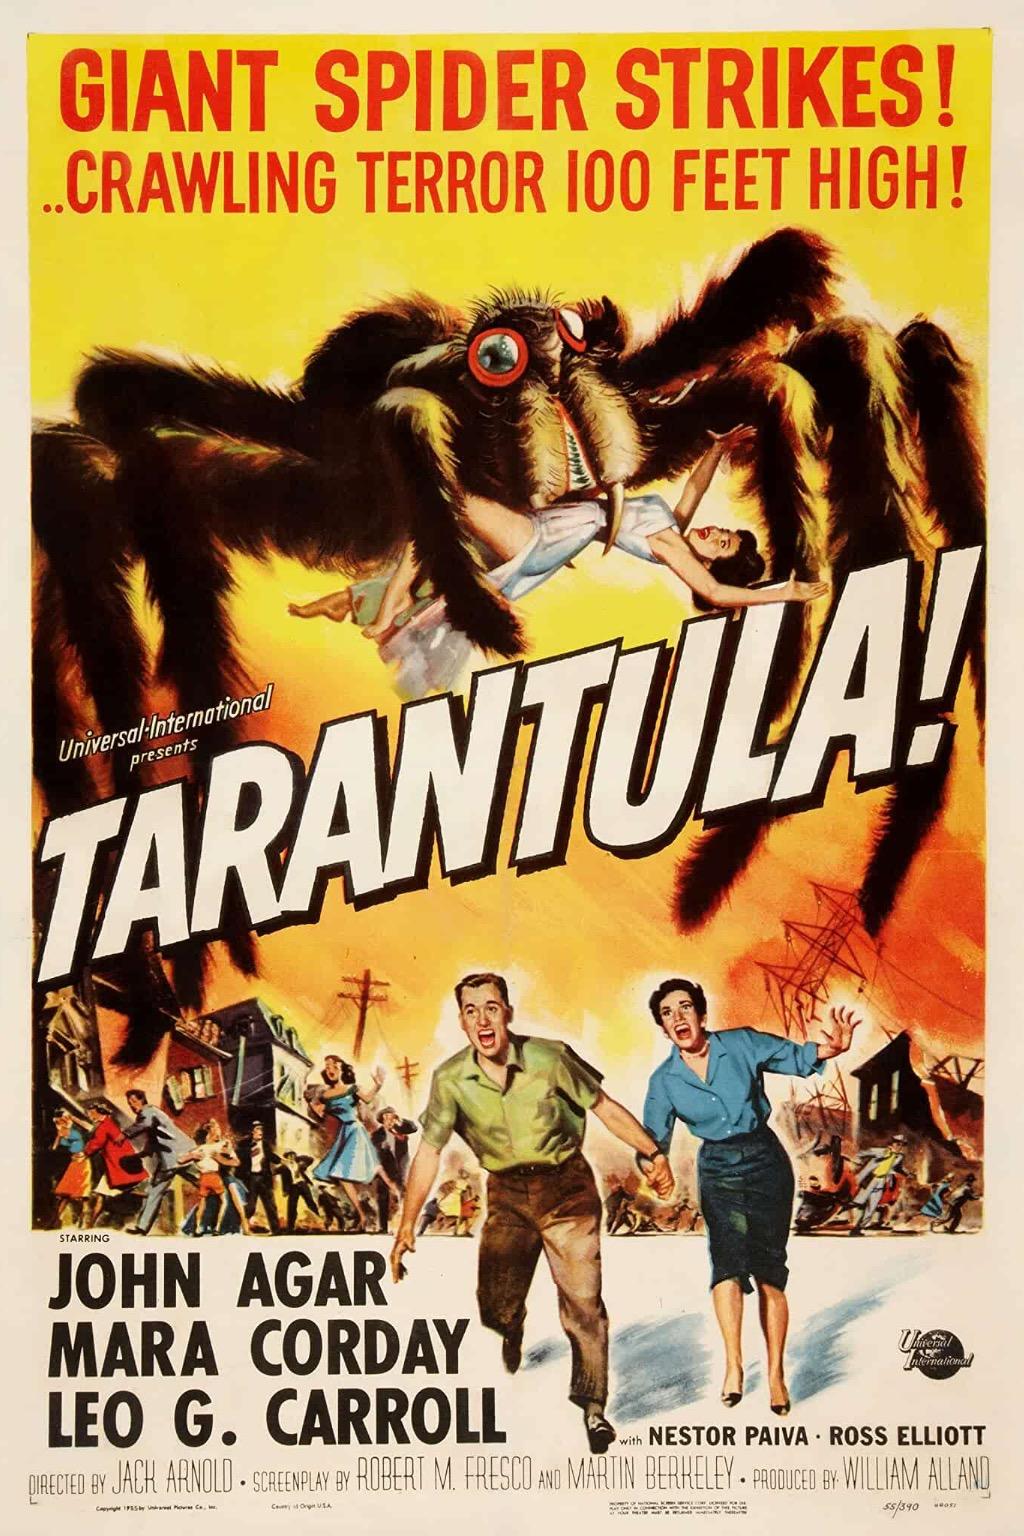 Tarantula! (1955)